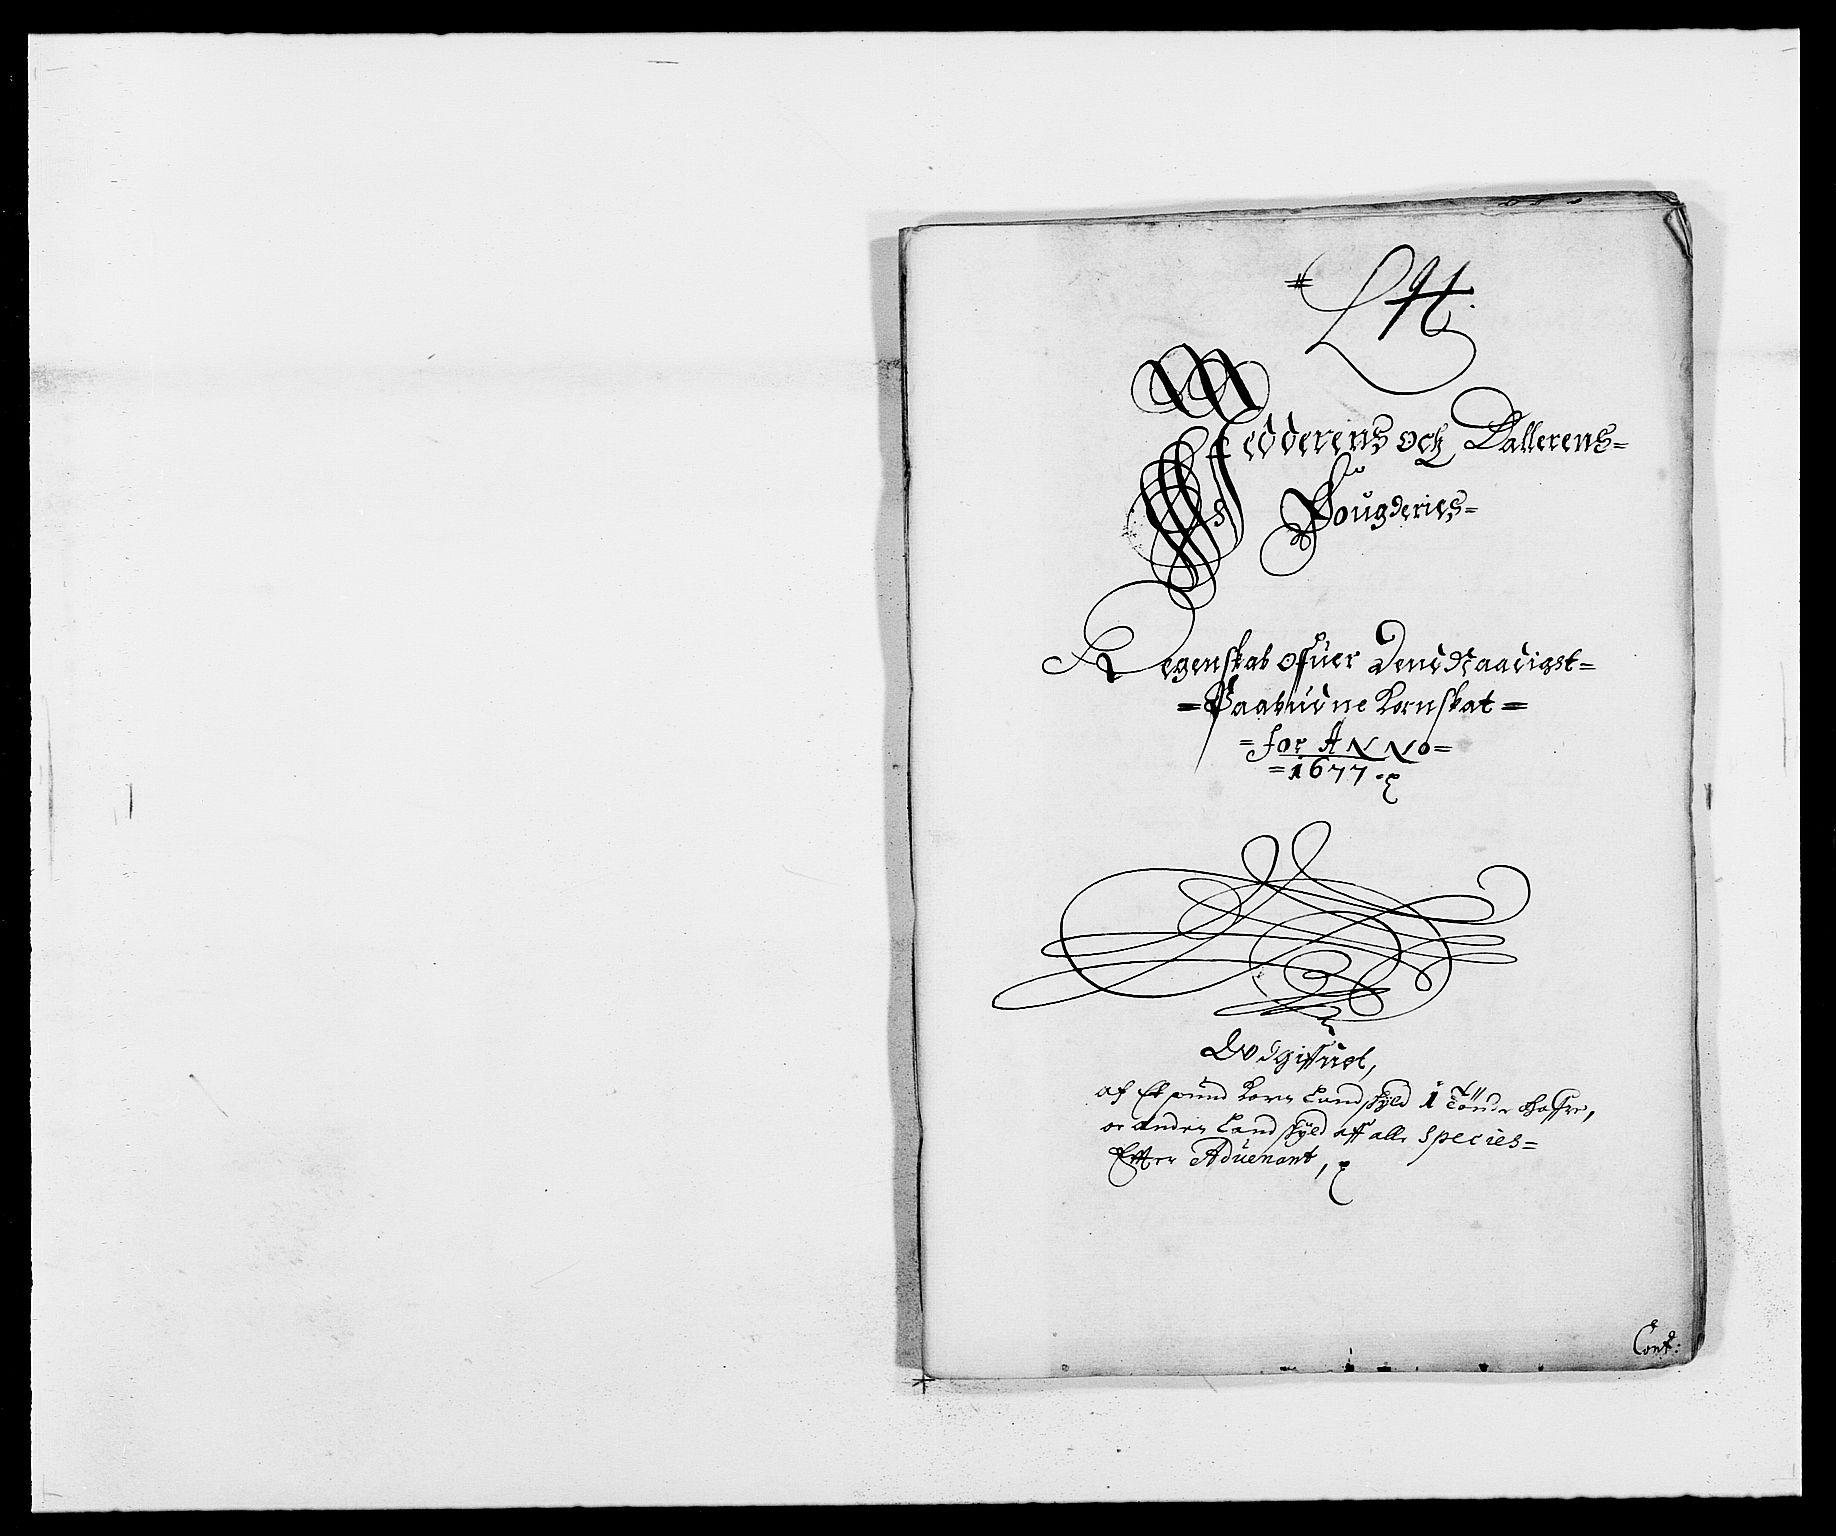 RA, Rentekammeret inntil 1814, Reviderte regnskaper, Fogderegnskap, R46/L2717: Fogderegnskap Jæren og Dalane, 1677, s. 228